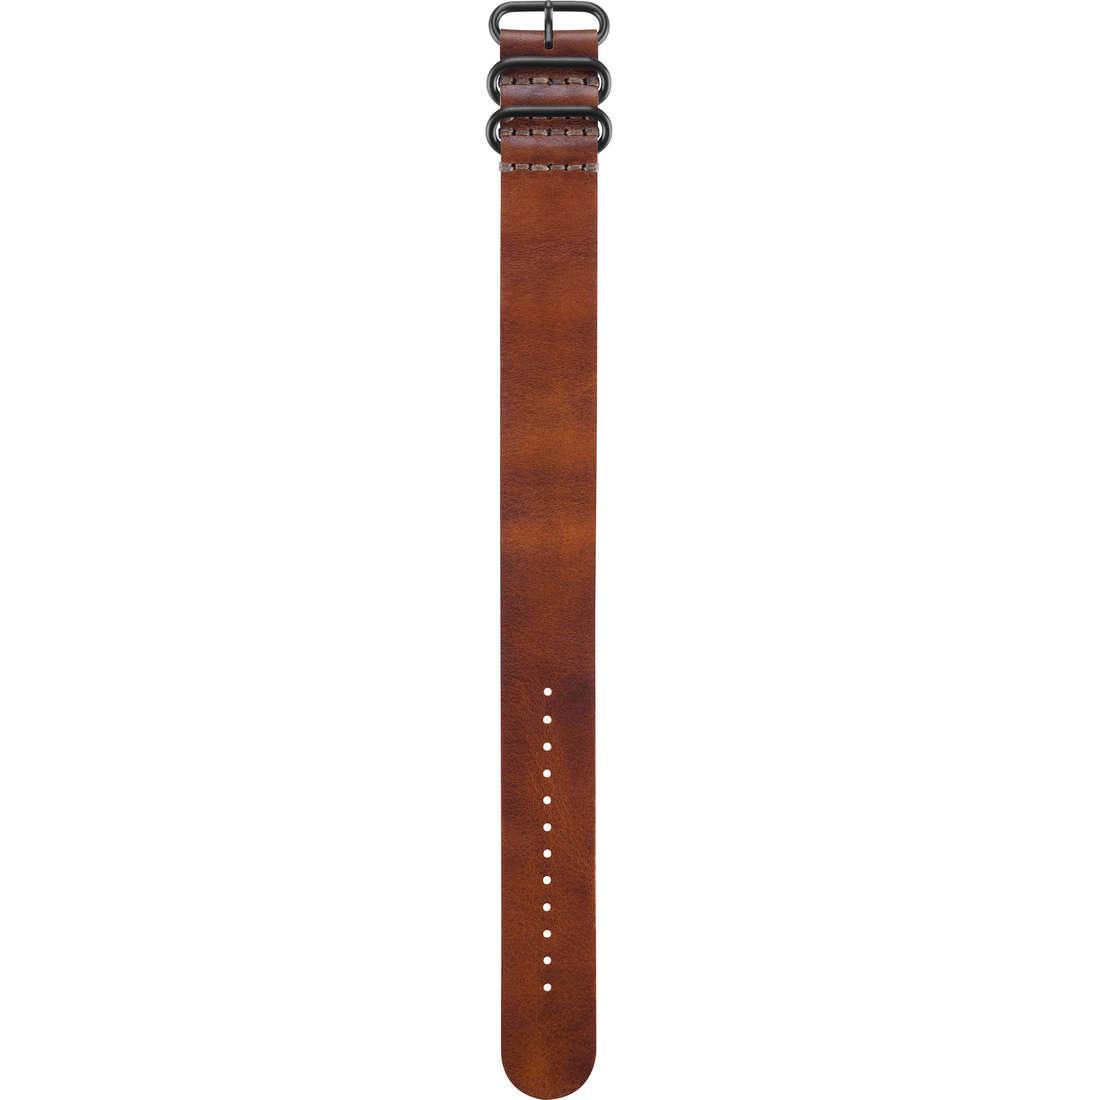 montre bande de montres unisex Garmin 010-12168-21